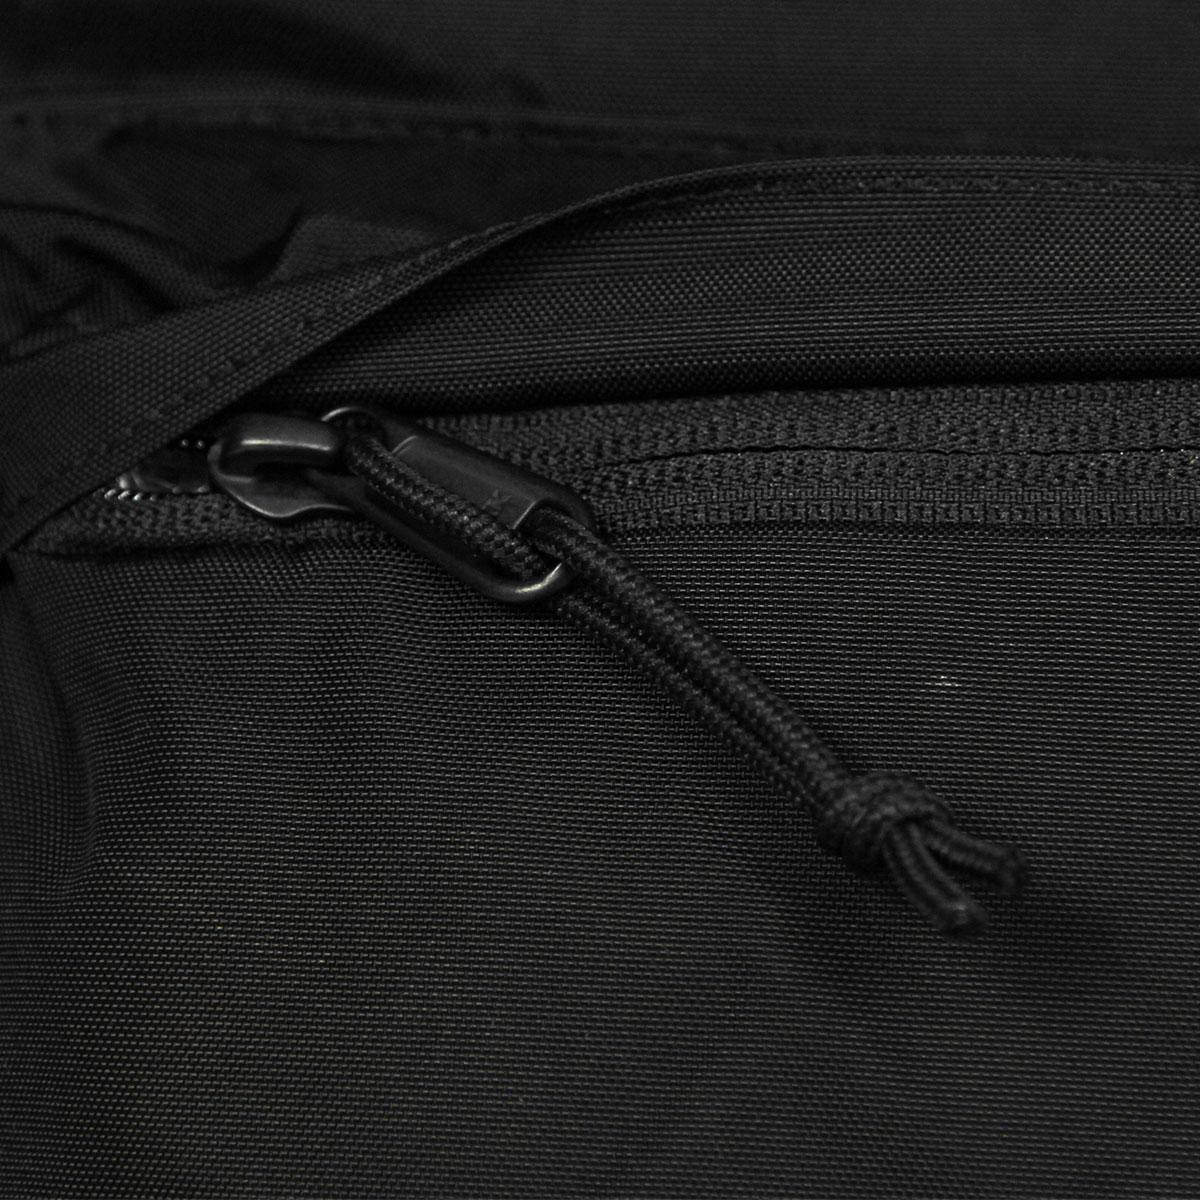 ザ ブラウン バッファロー バックパック メンズ レディース 正規販売店 THE BROWN BUFFALO リュックサック バッグ HOBO BACKPACK BLACK S19HOBO420BLACK AA7B B3C C8D D3E E13F